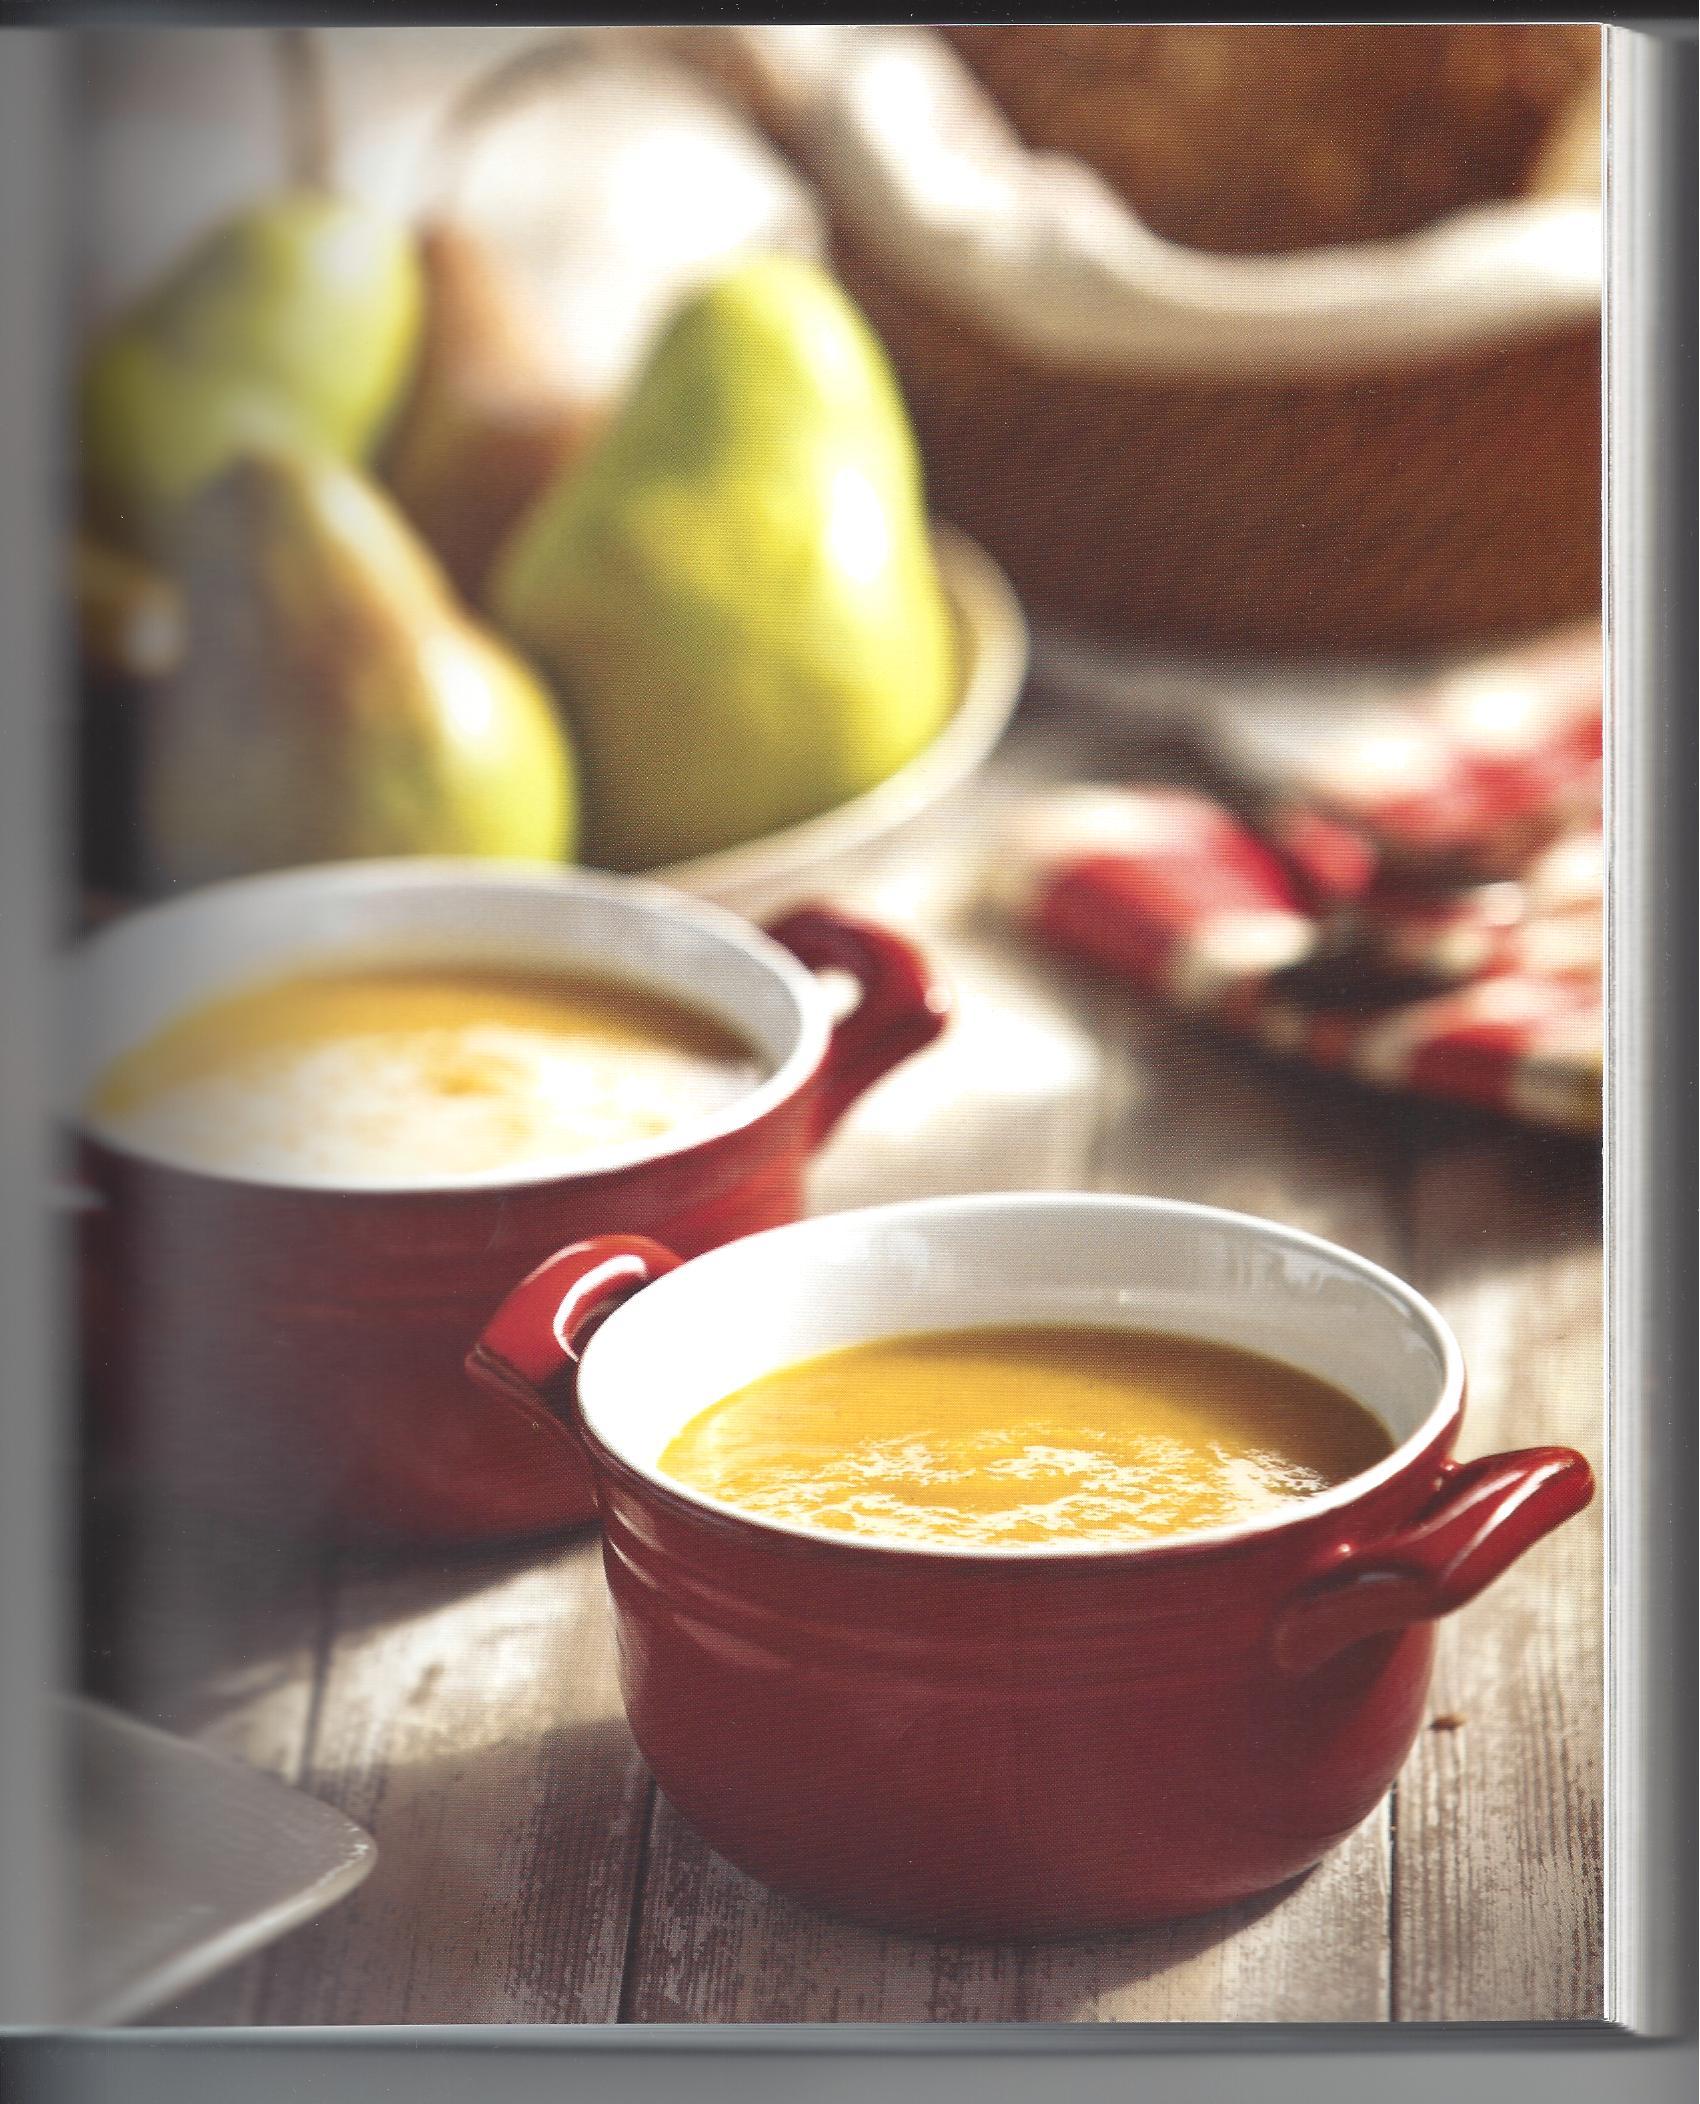 Butternut Squash Soup by Debra Ponzek